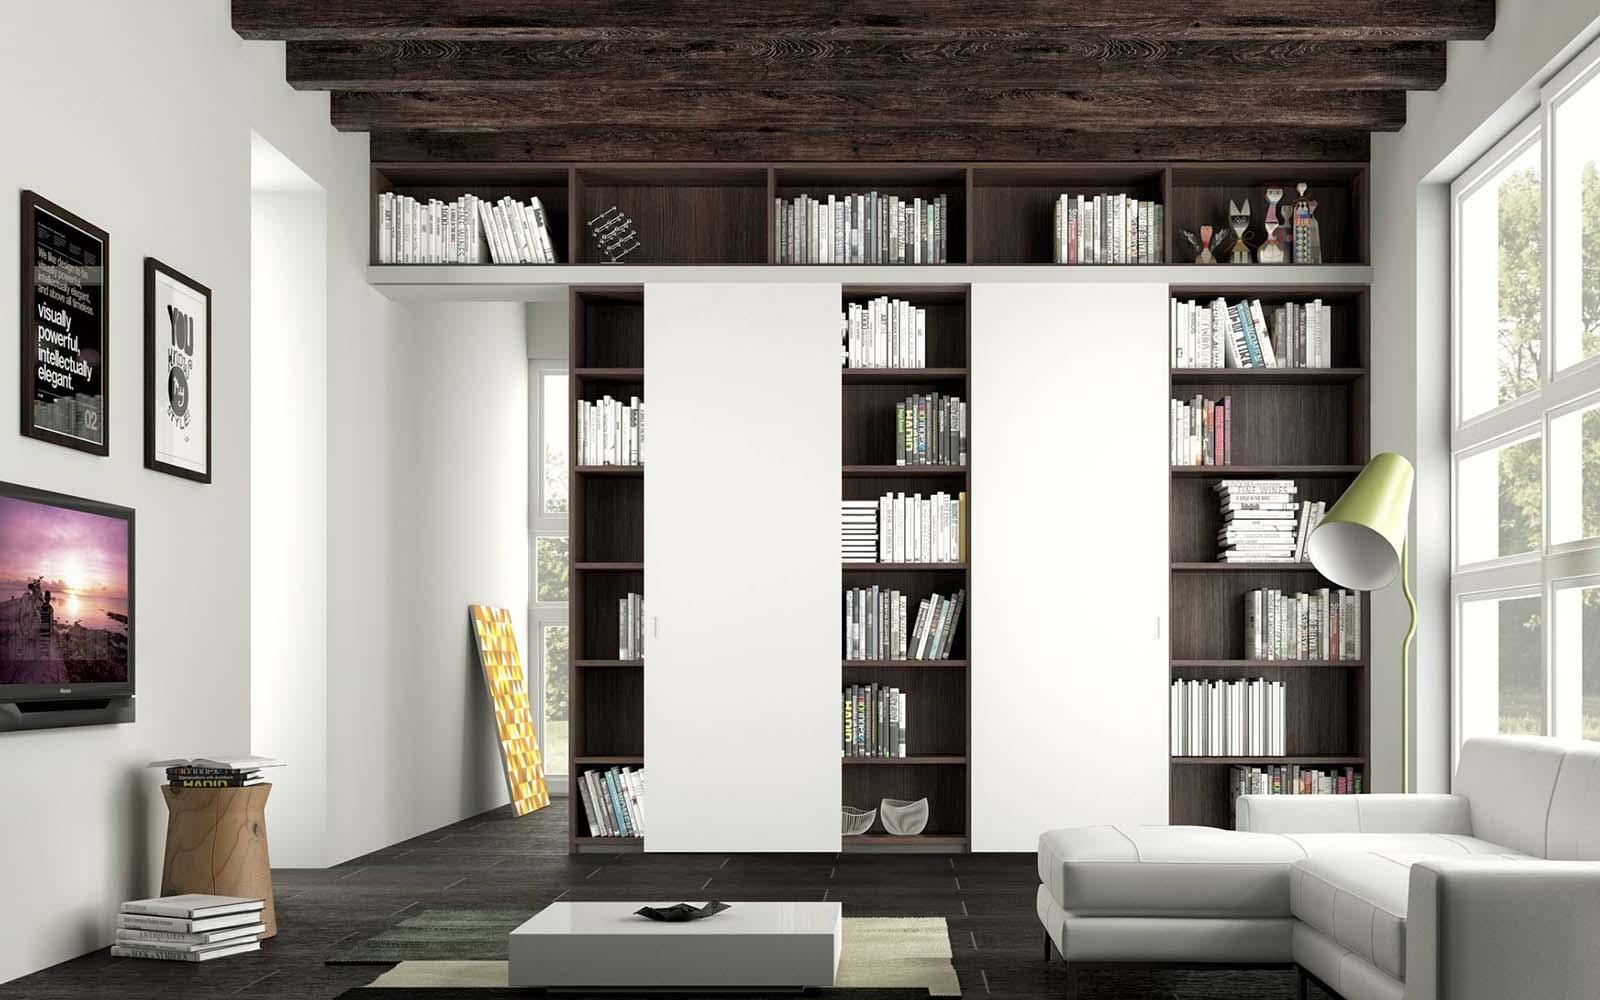 una sala con un divano angolare di color bianco e una libreria in legno